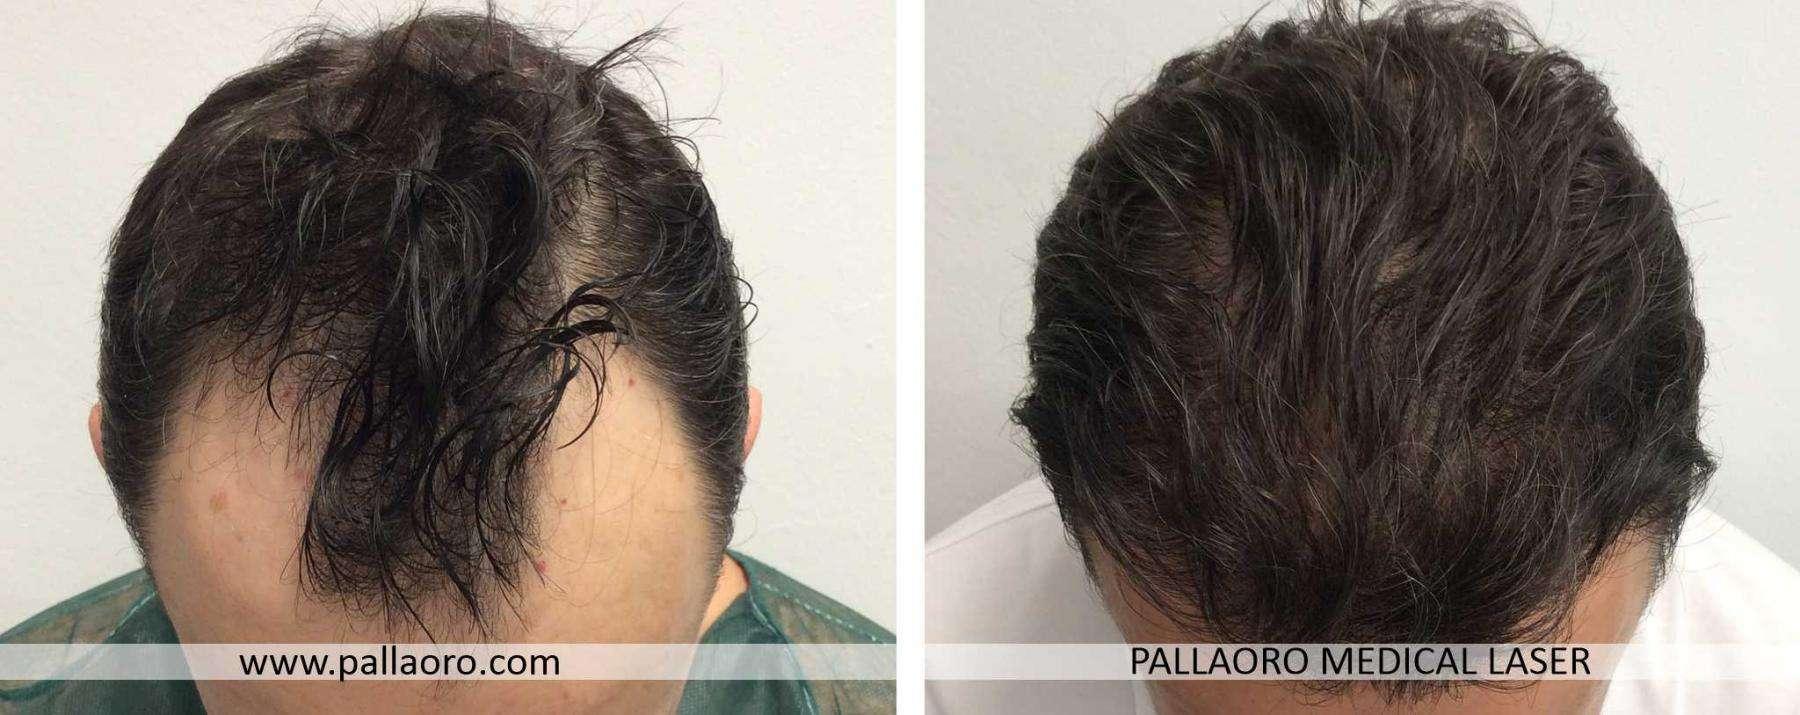 trapianto capelli 2021 03 c